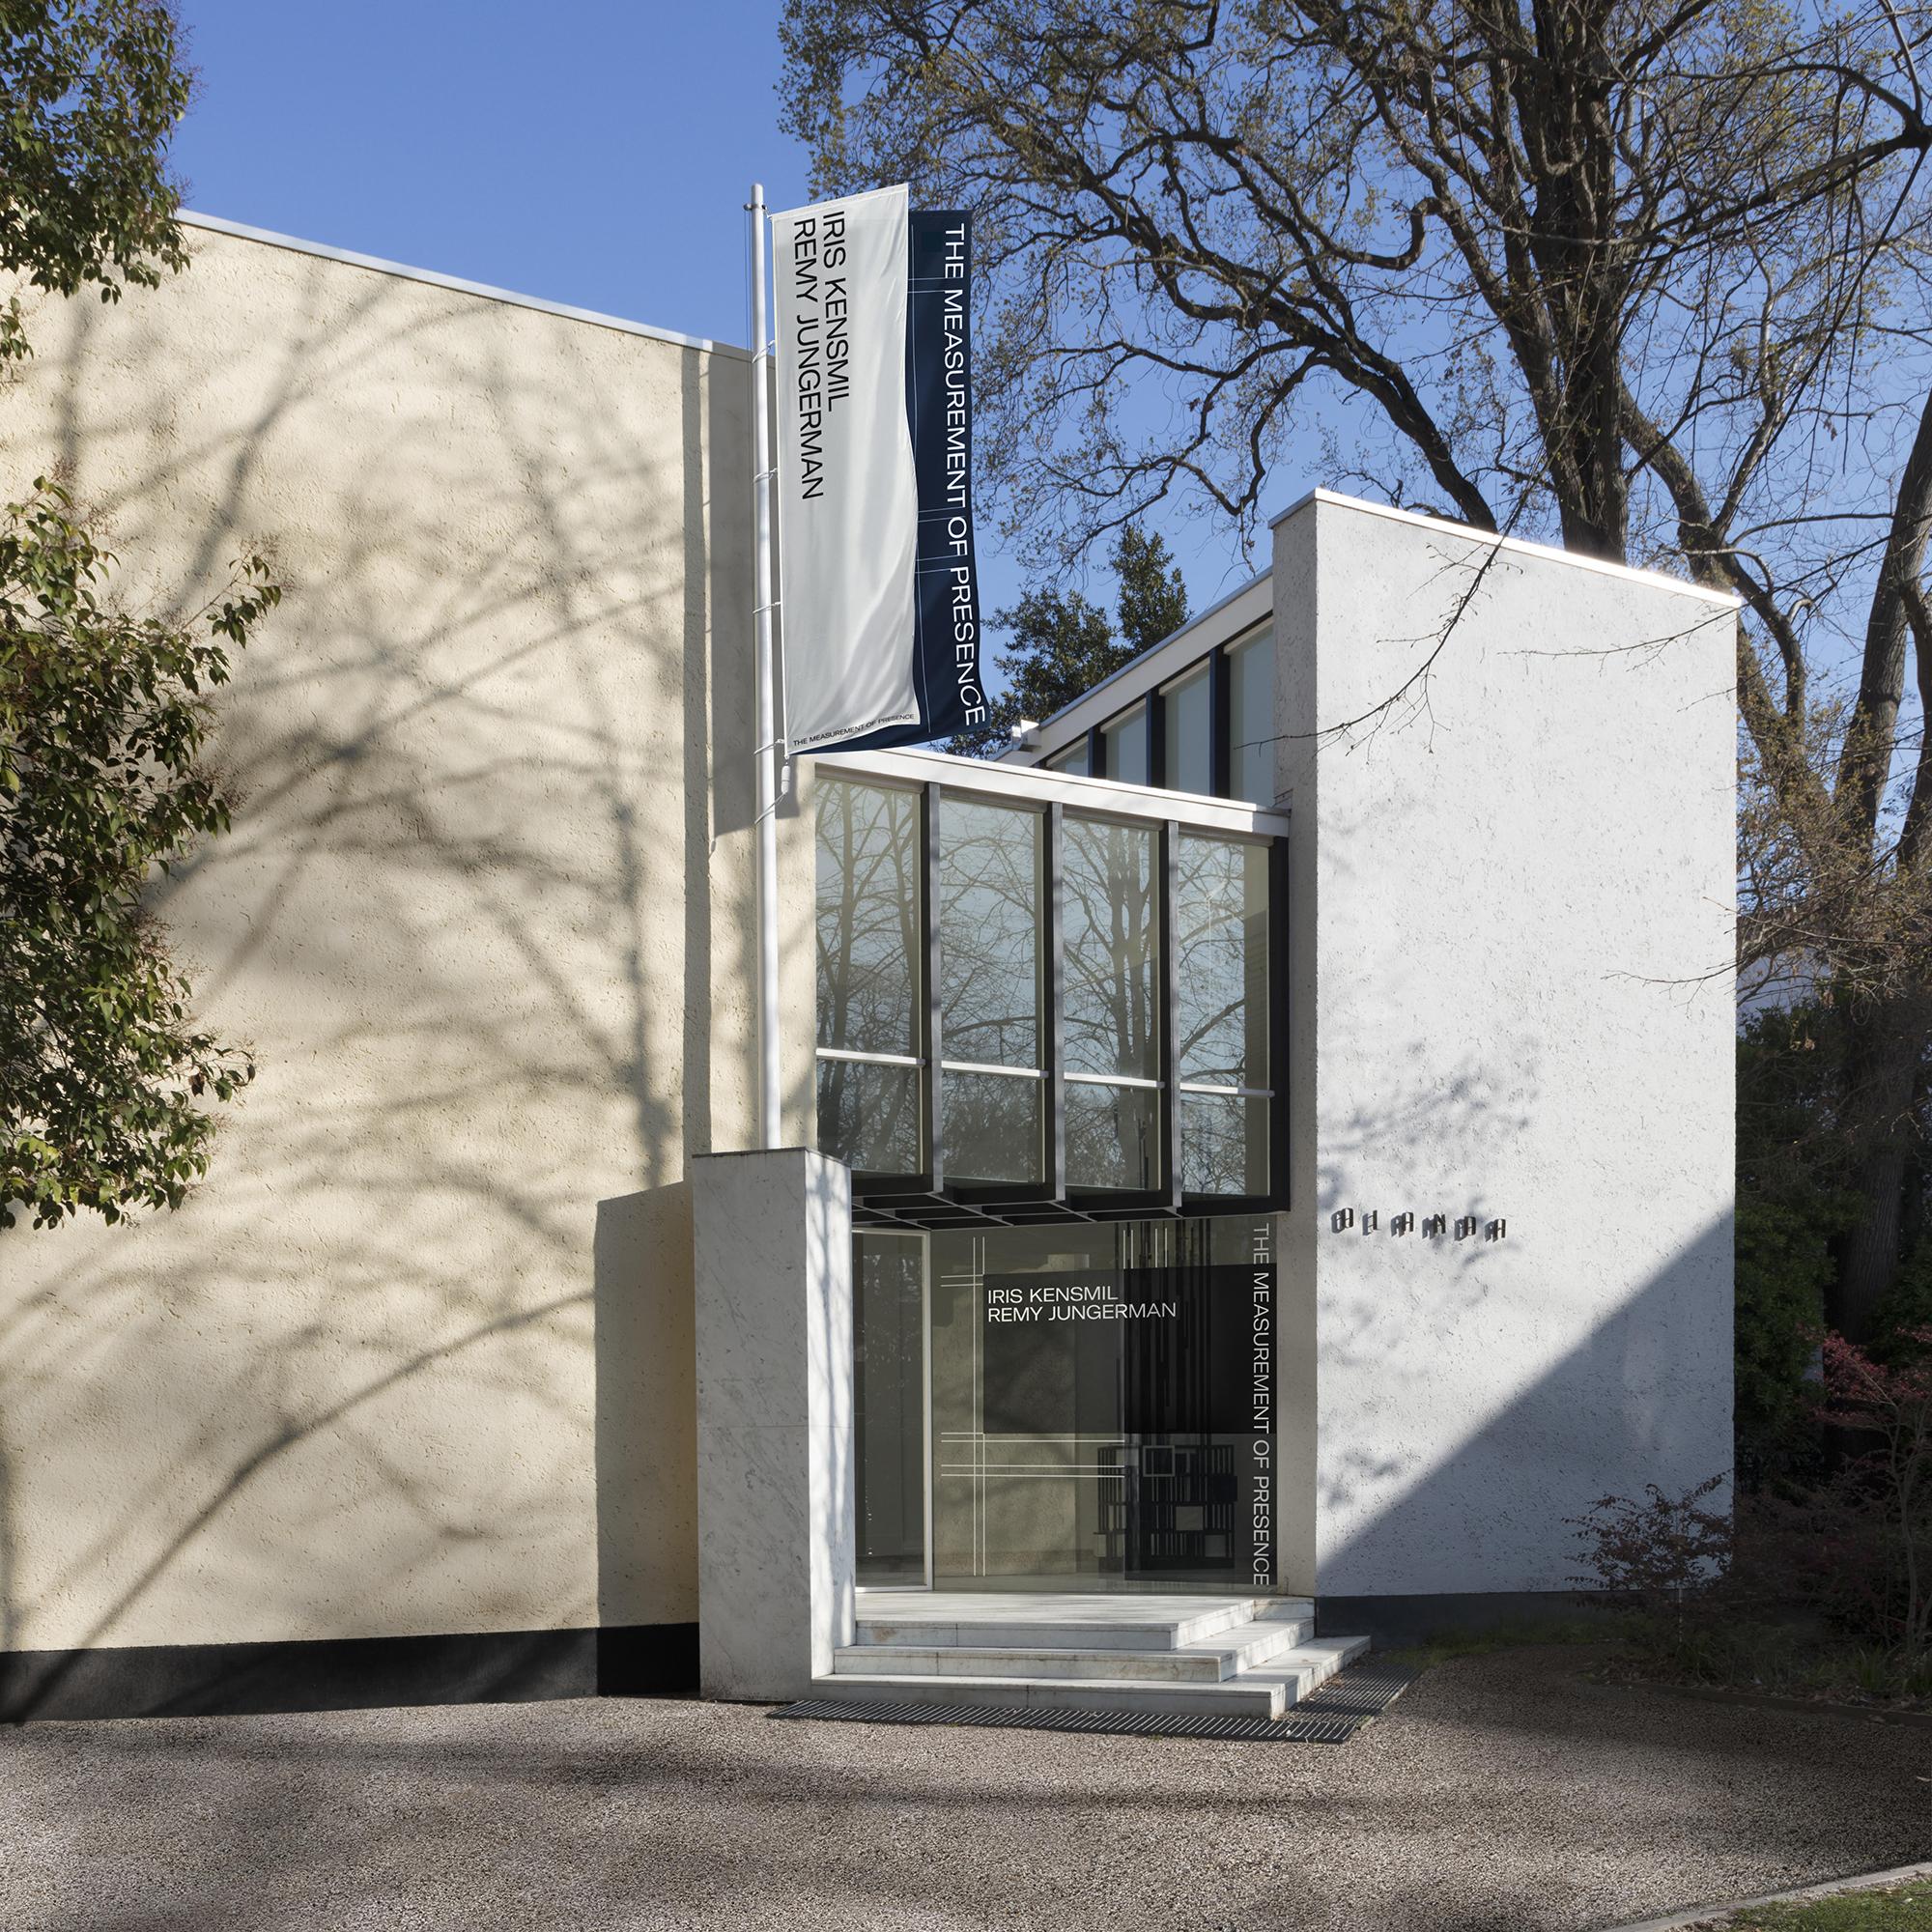 Hollandi paviljon Giardinis, kuhu Eesti näitus järgmisel biennaalil kolib